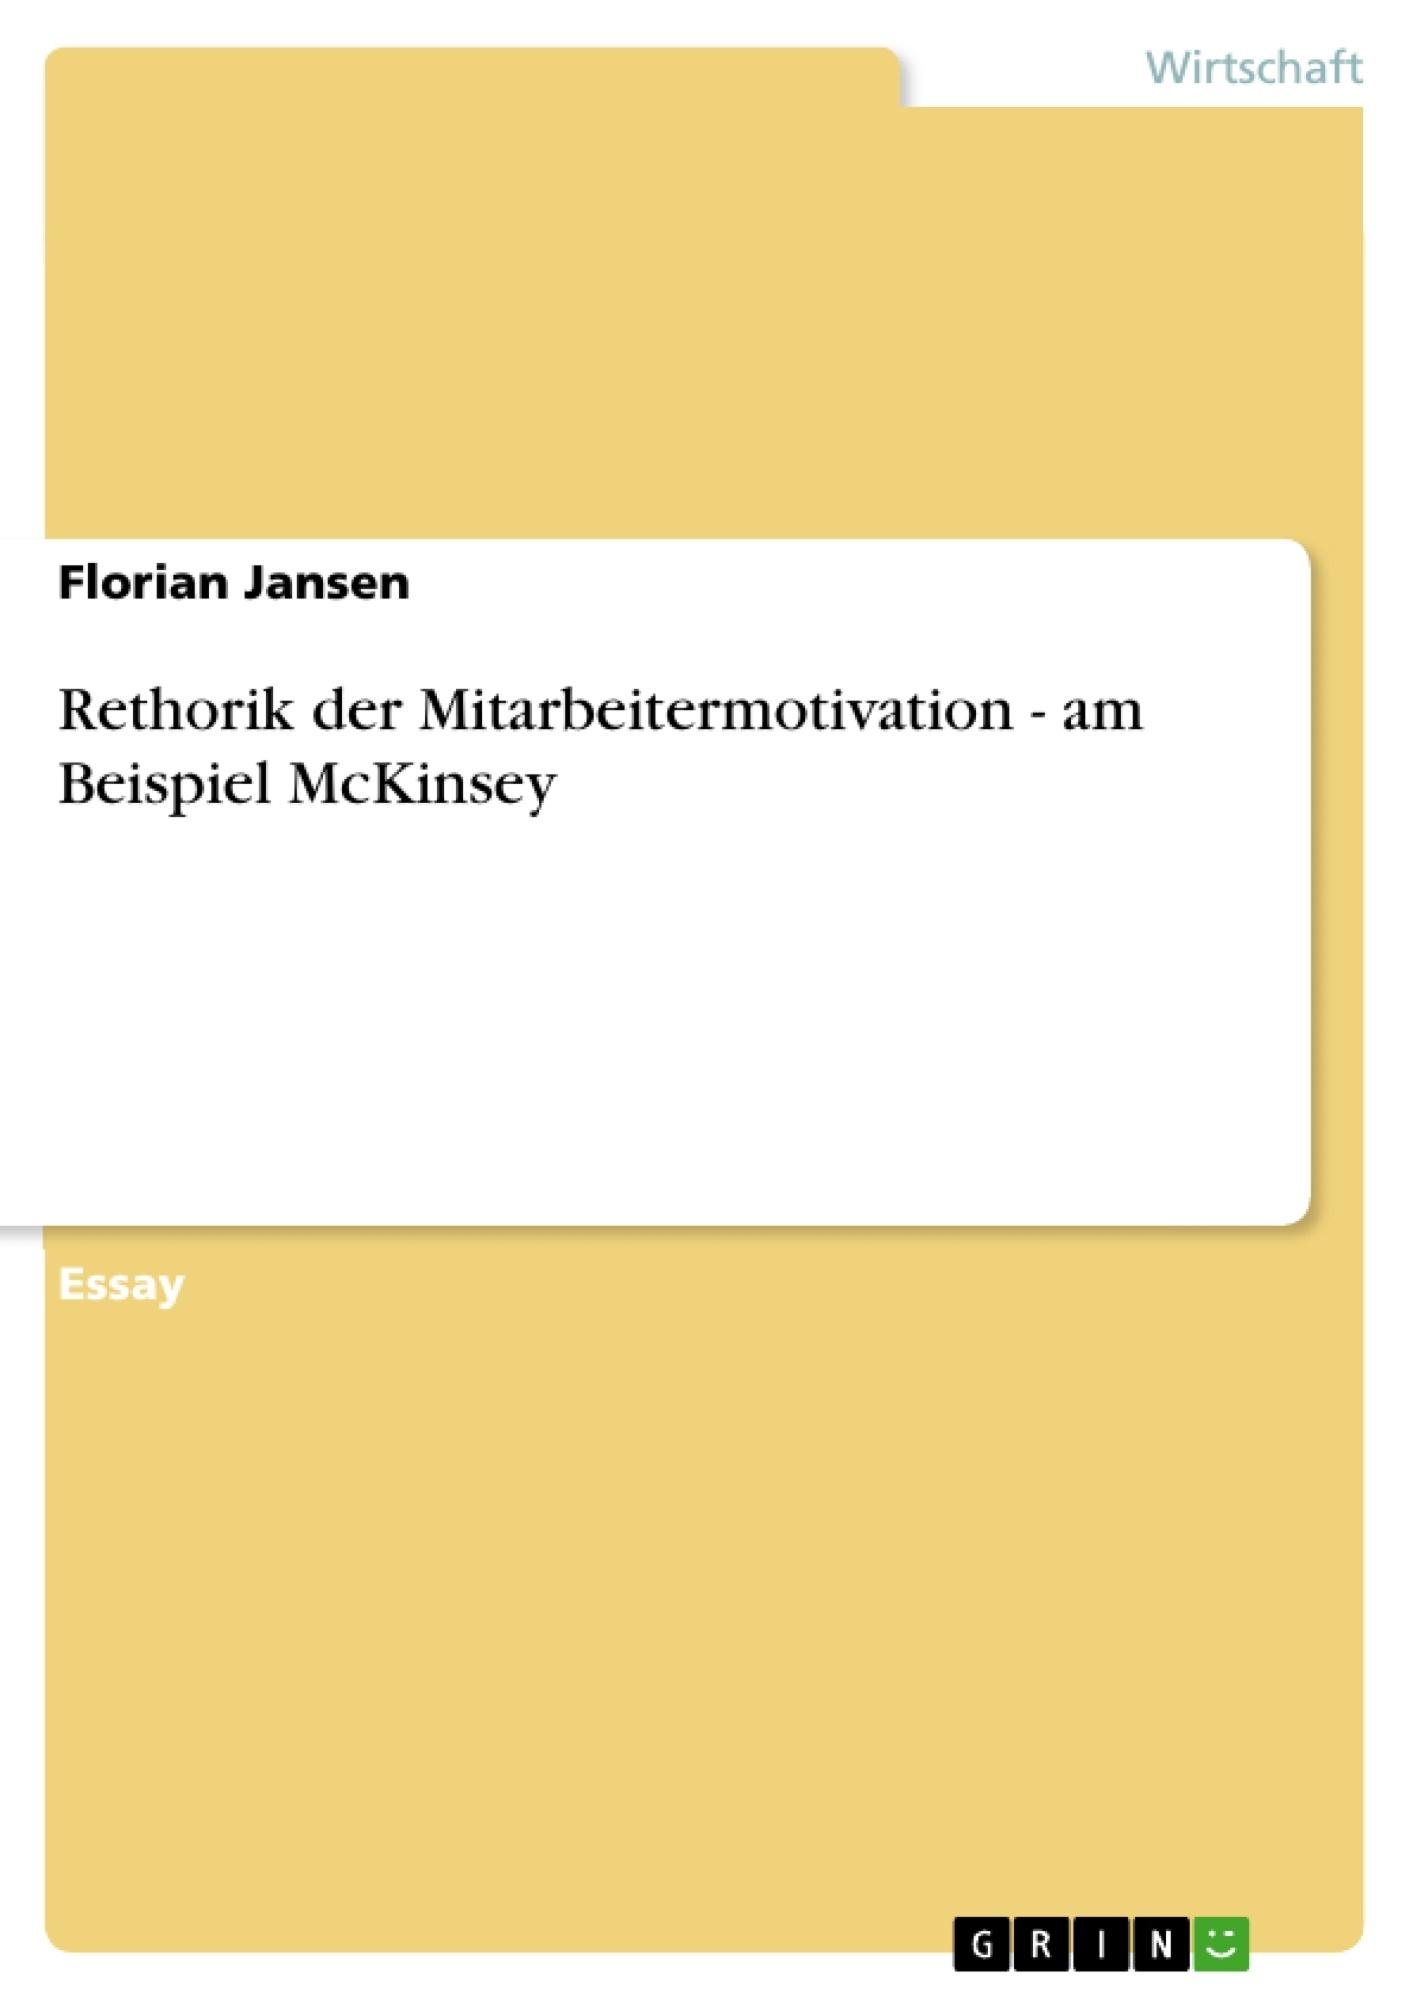 Titel: Rethorik der Mitarbeitermotivation - am Beispiel McKinsey